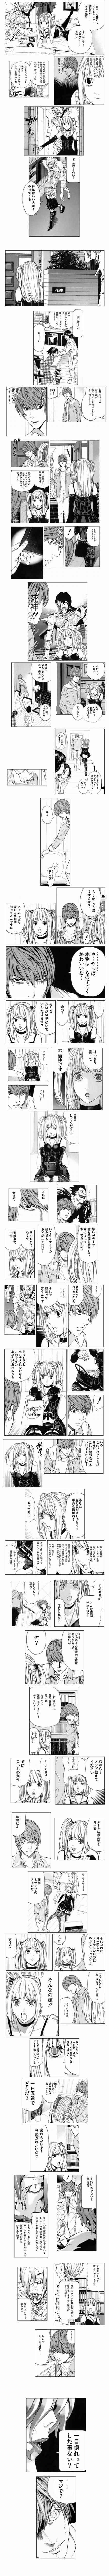 漫画:デスノート -守り神レム- [おもしろ]